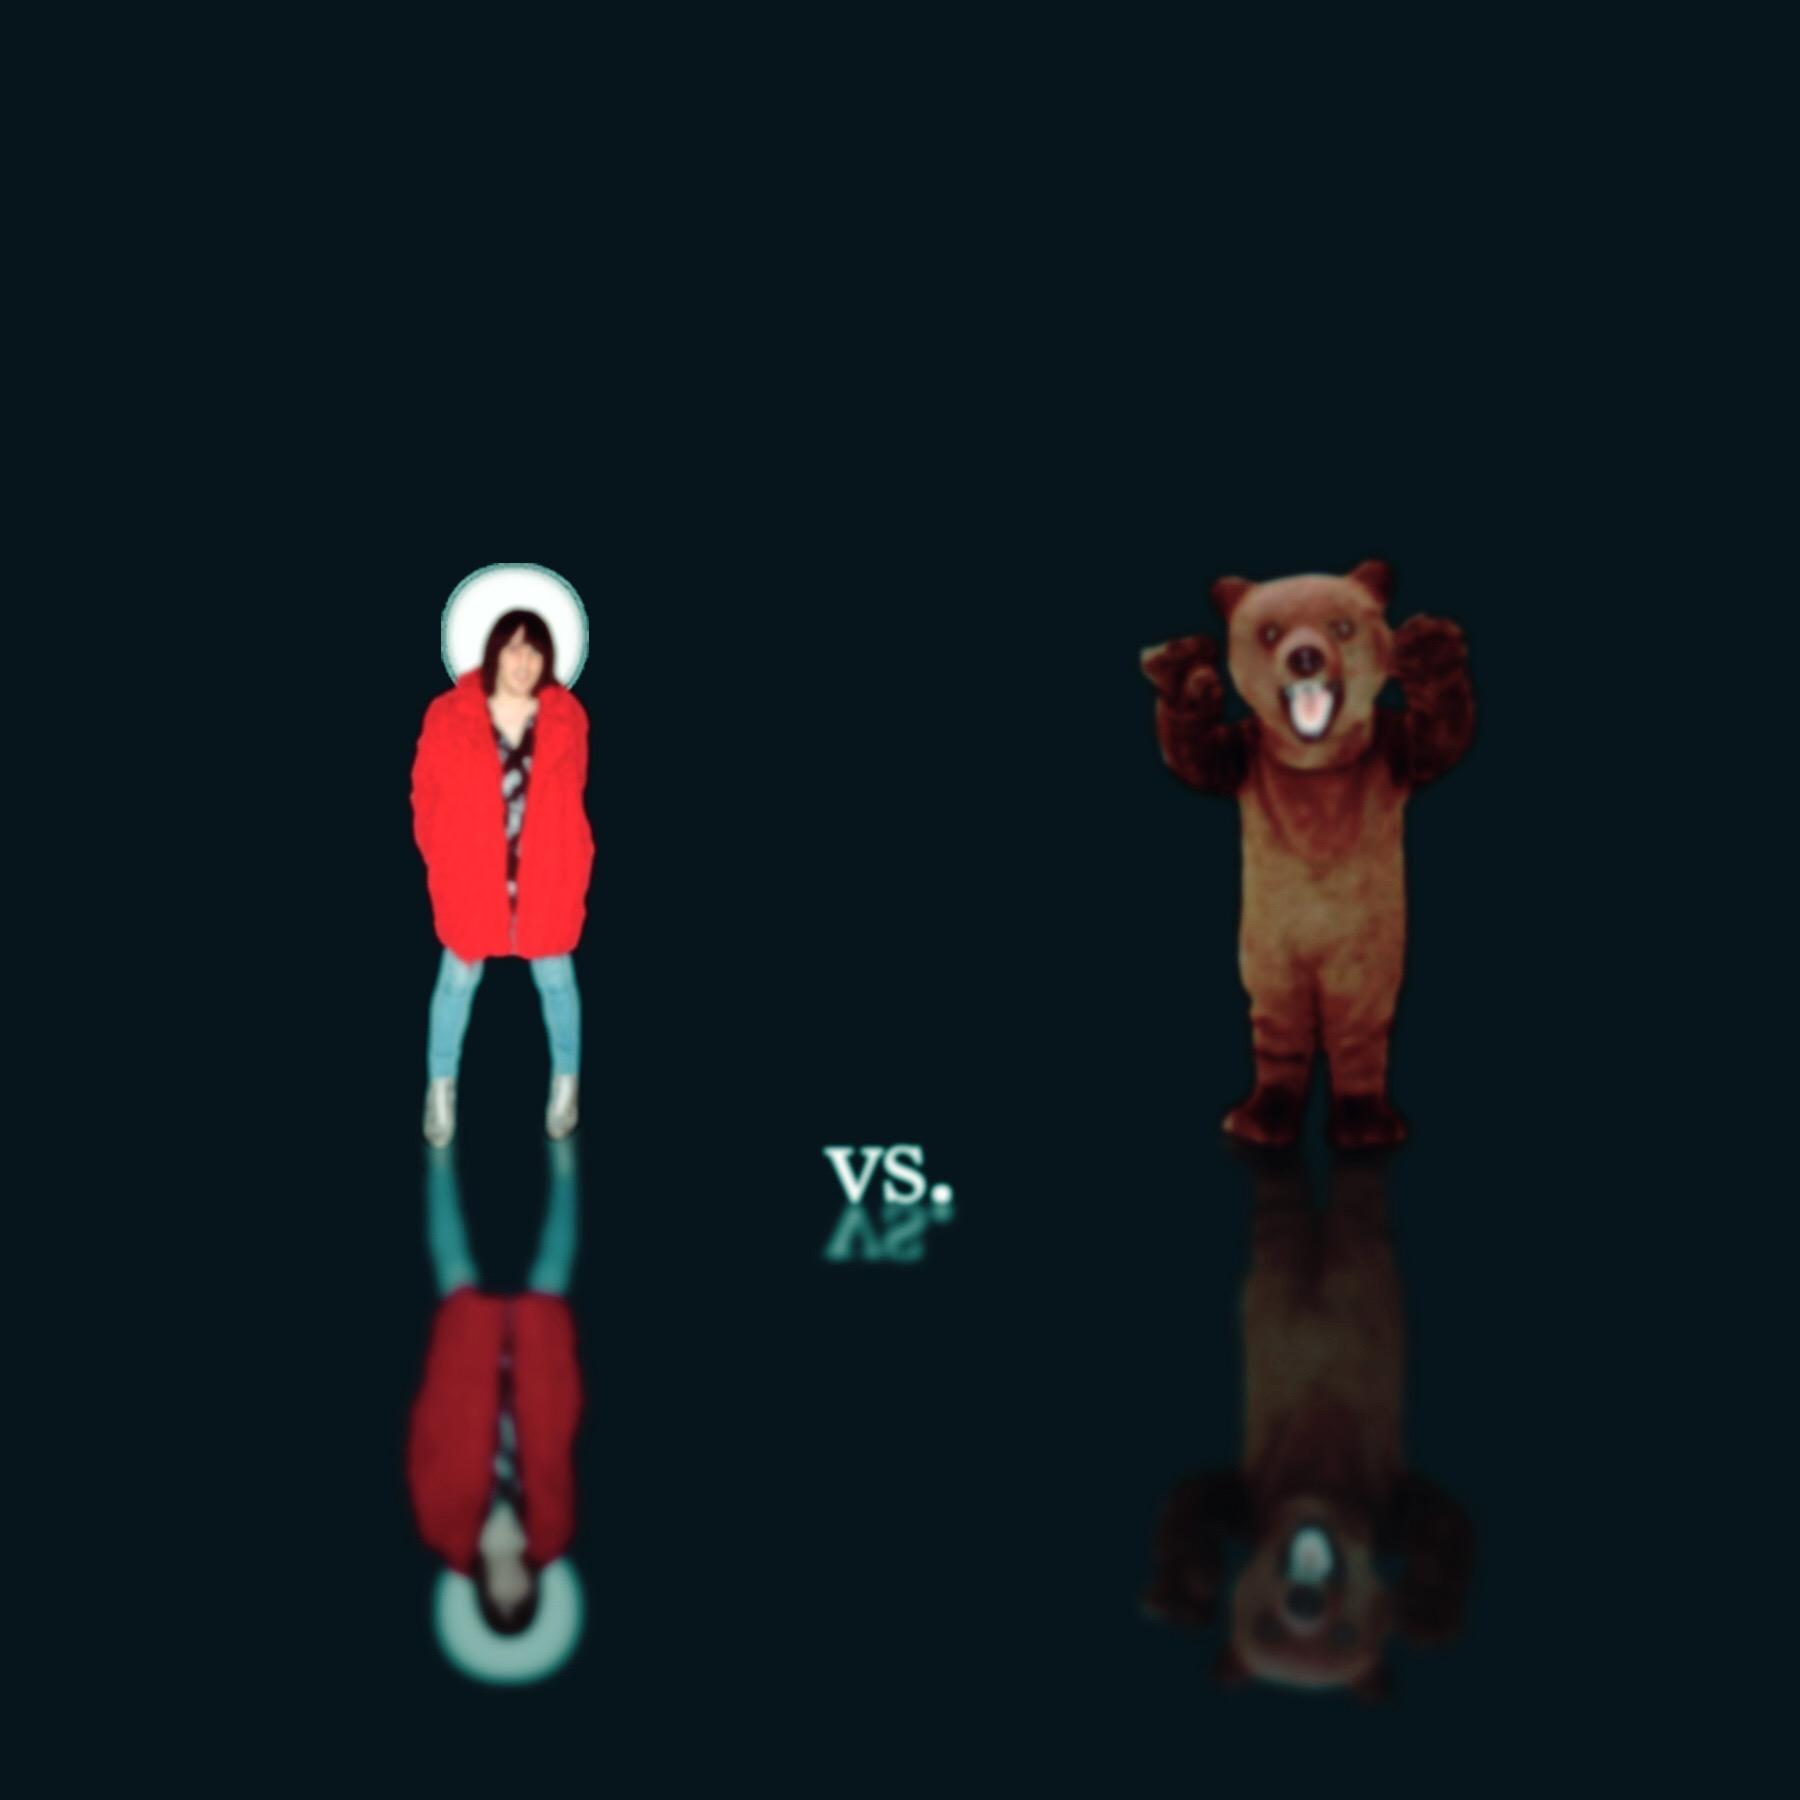 St. Fielding vs. A Bear